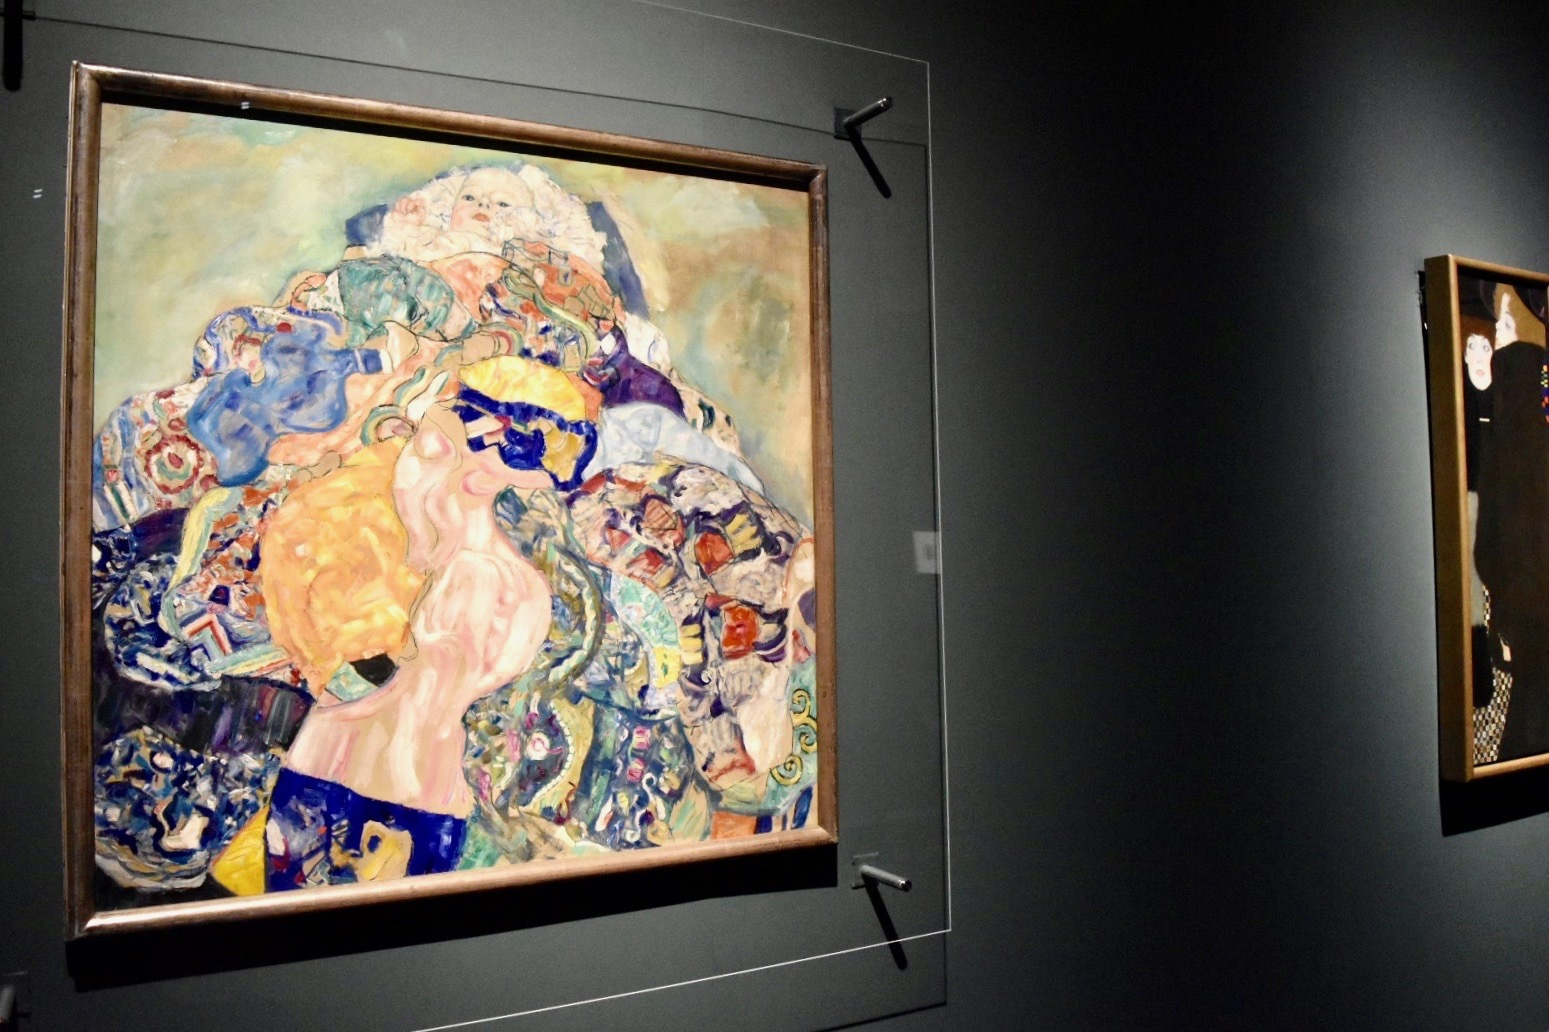 グスタフ・クリムト 《赤子(ゆりかご)》 1917年 ワシントン・ナショナル・ギャラリー蔵